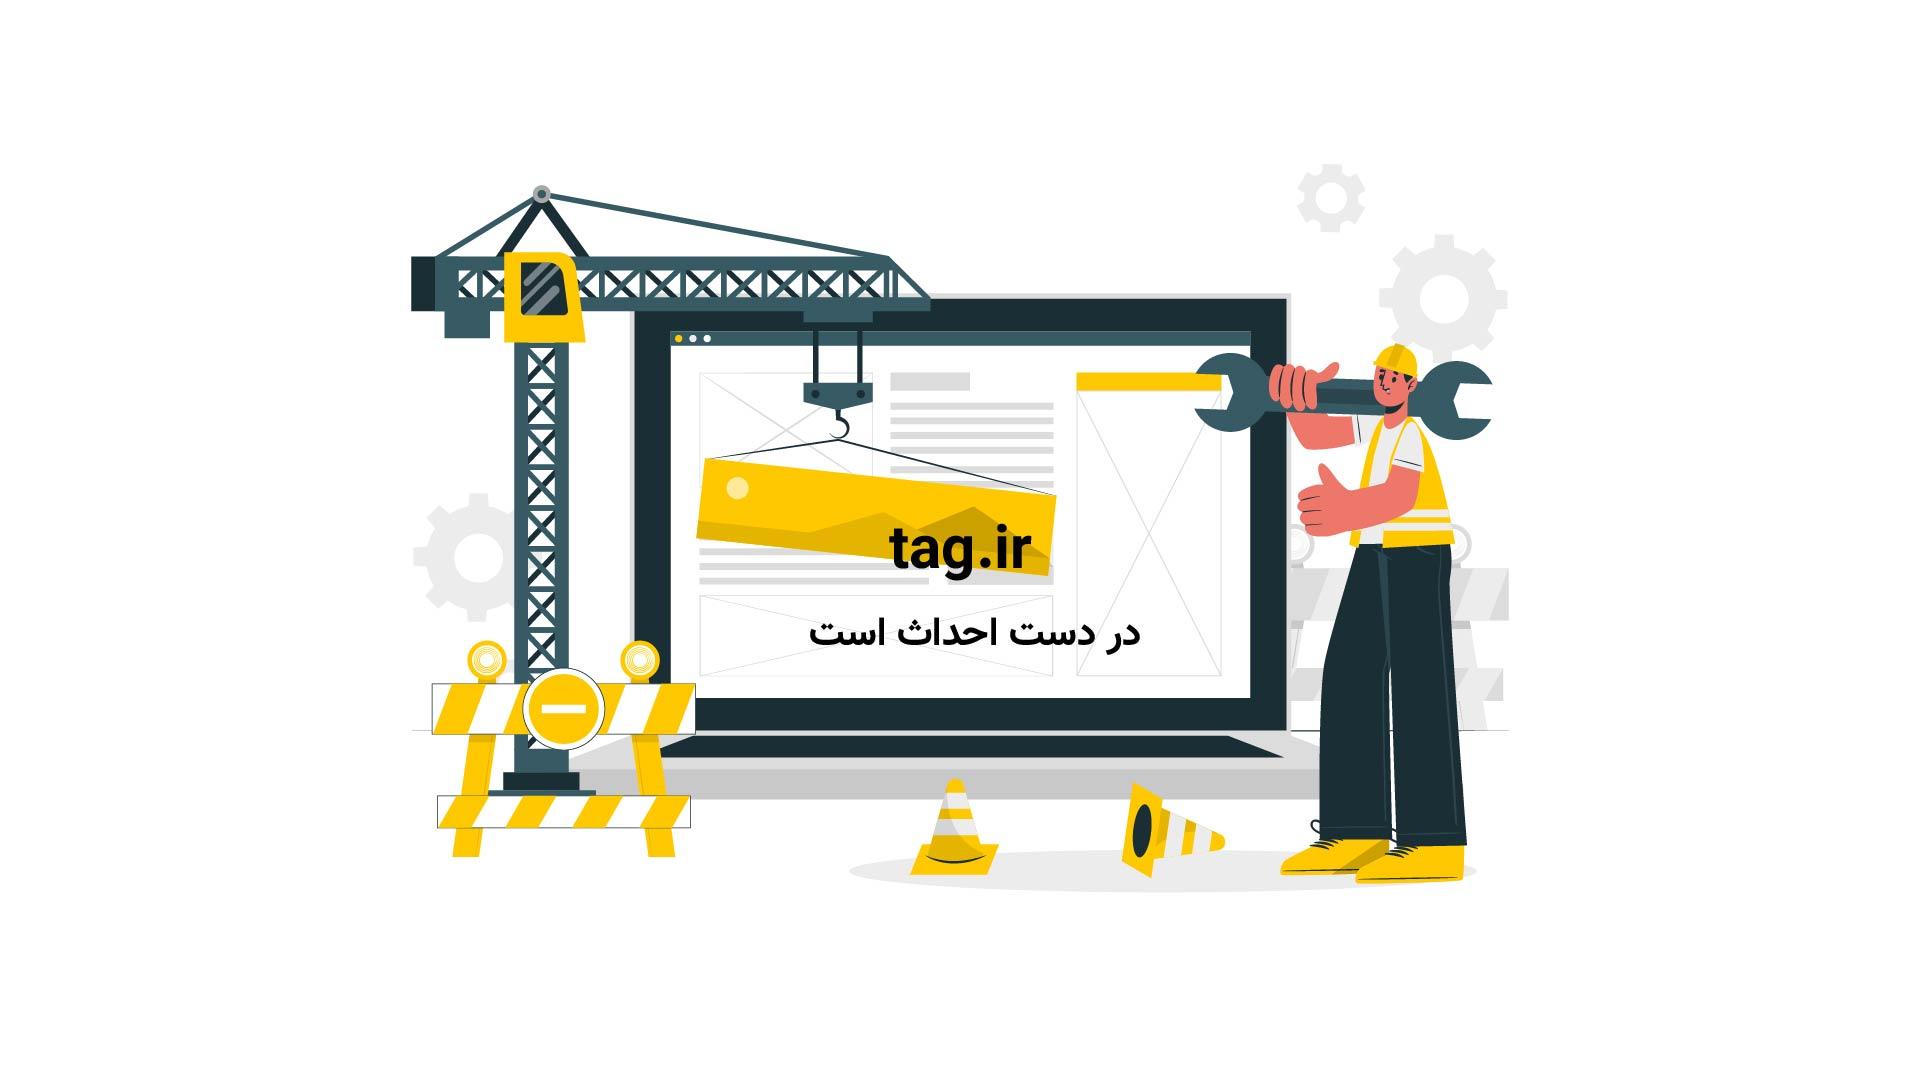 آموزش رنگ آمیزی و طراحی تی شرت های کهنه | فیلم